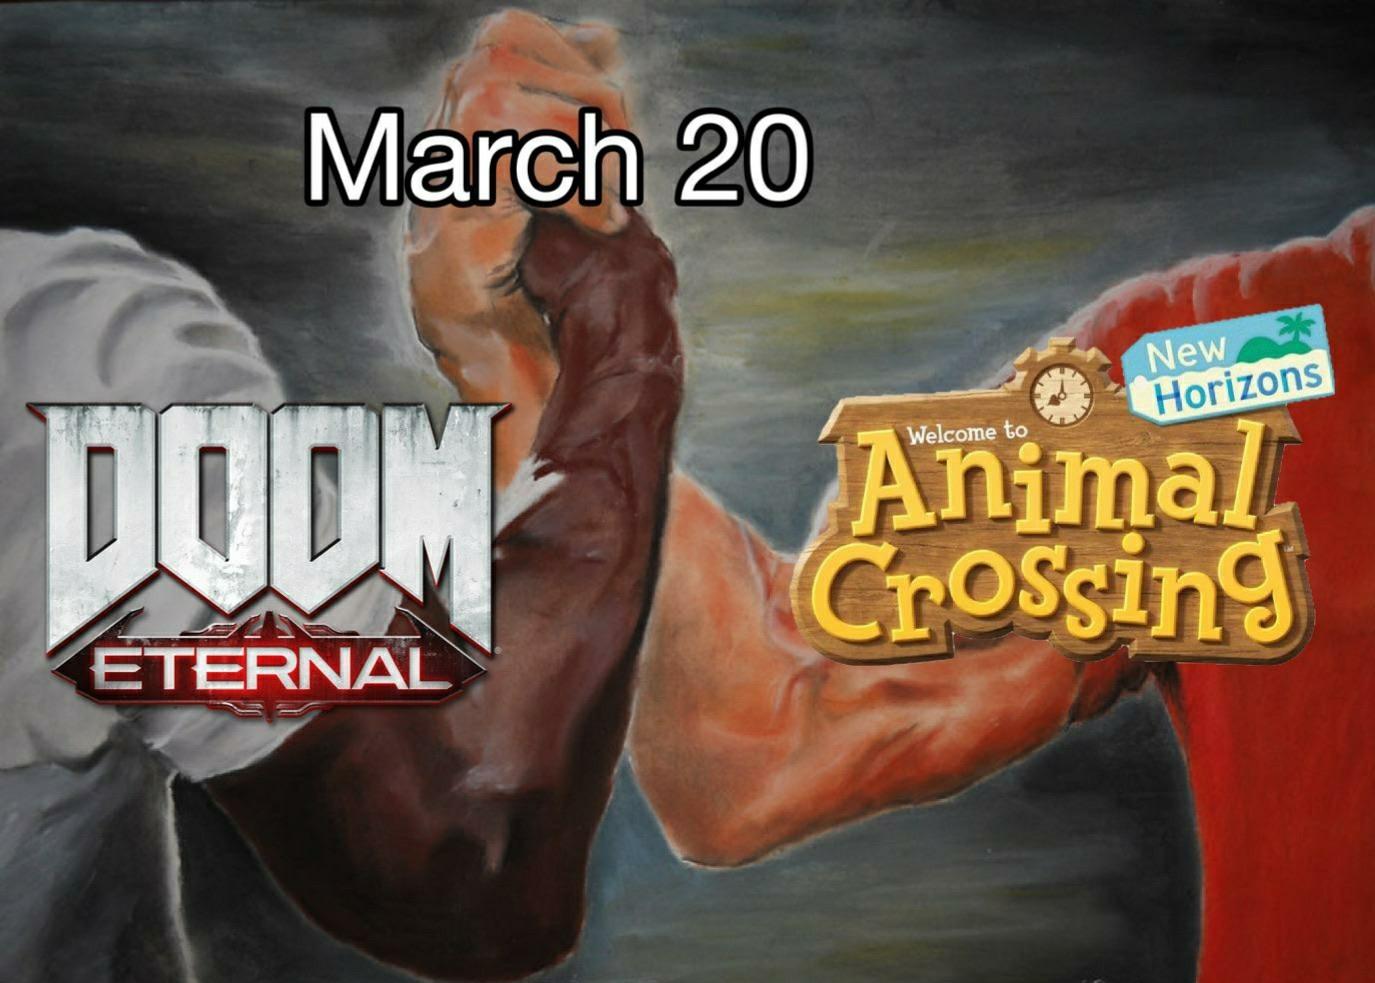 March 20 - meme